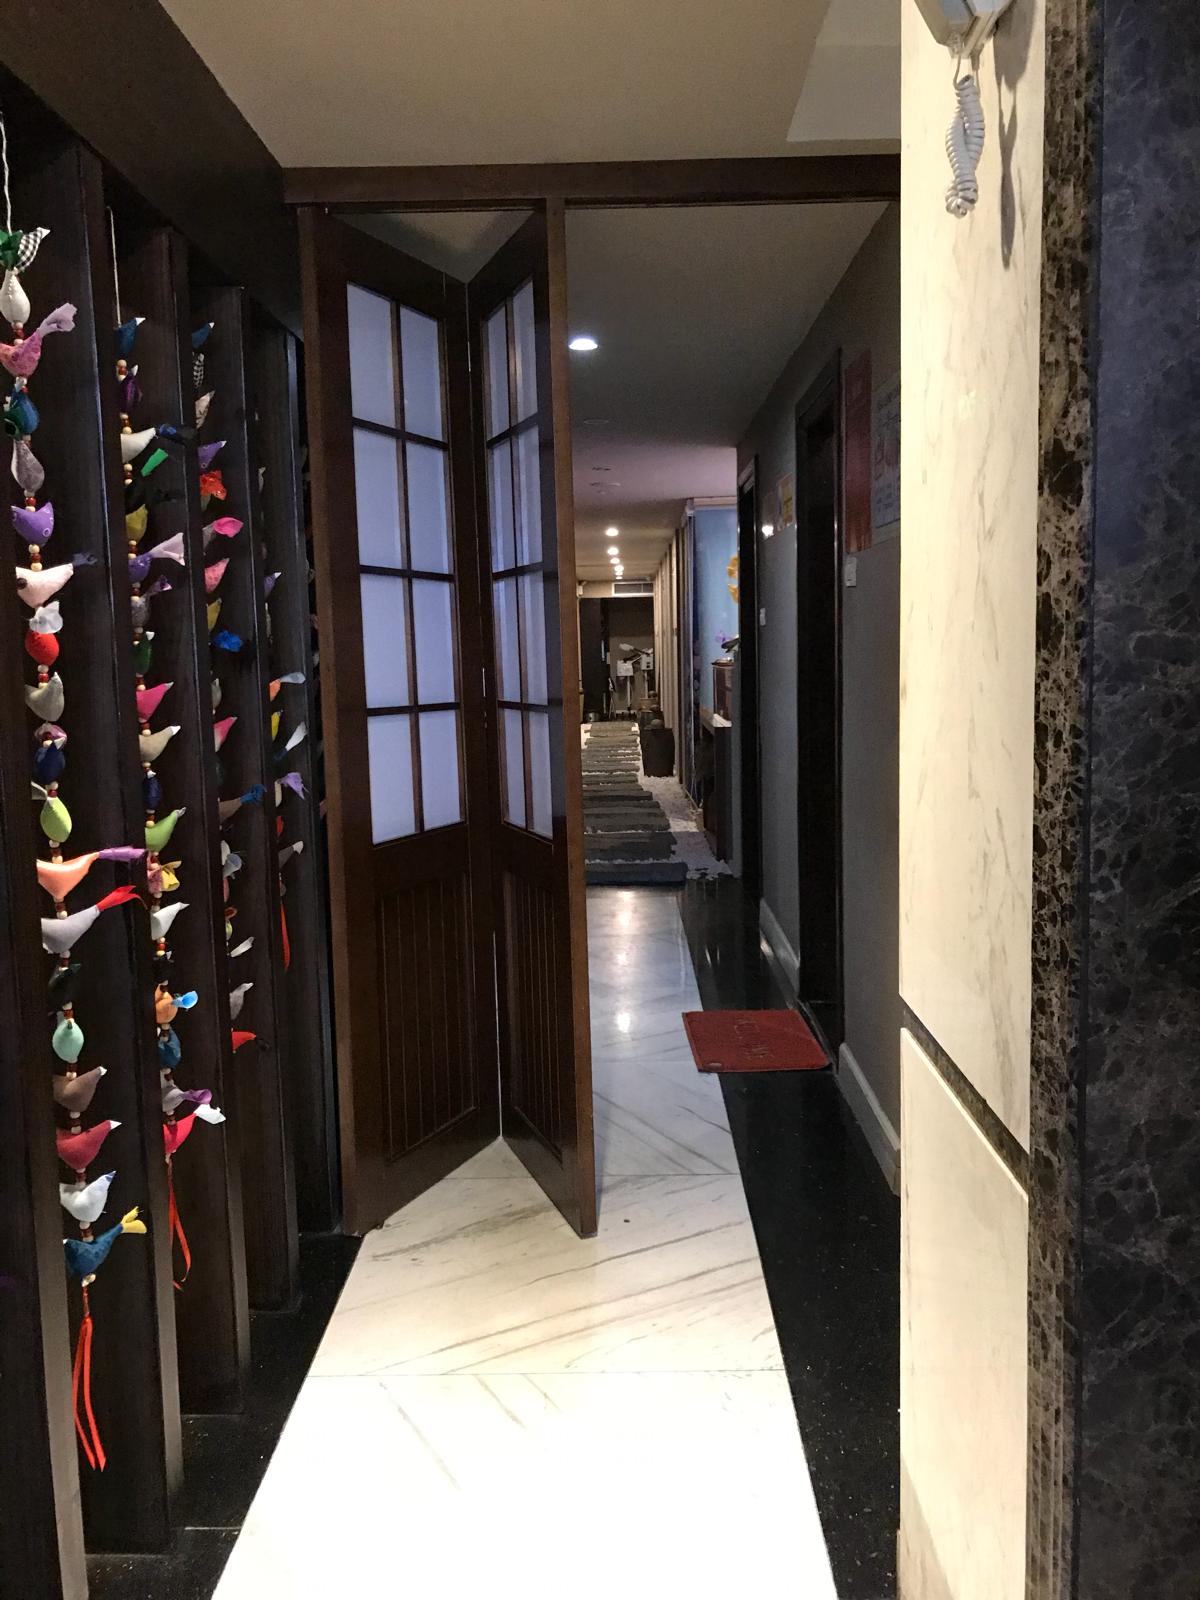 ハノイのホテルは間口が狭くて奥行きの深い「うなぎの寝床」になっていて面白い/ Hanoi Brilliant Hotel & Spa~子連れでハノイ旅行(6)